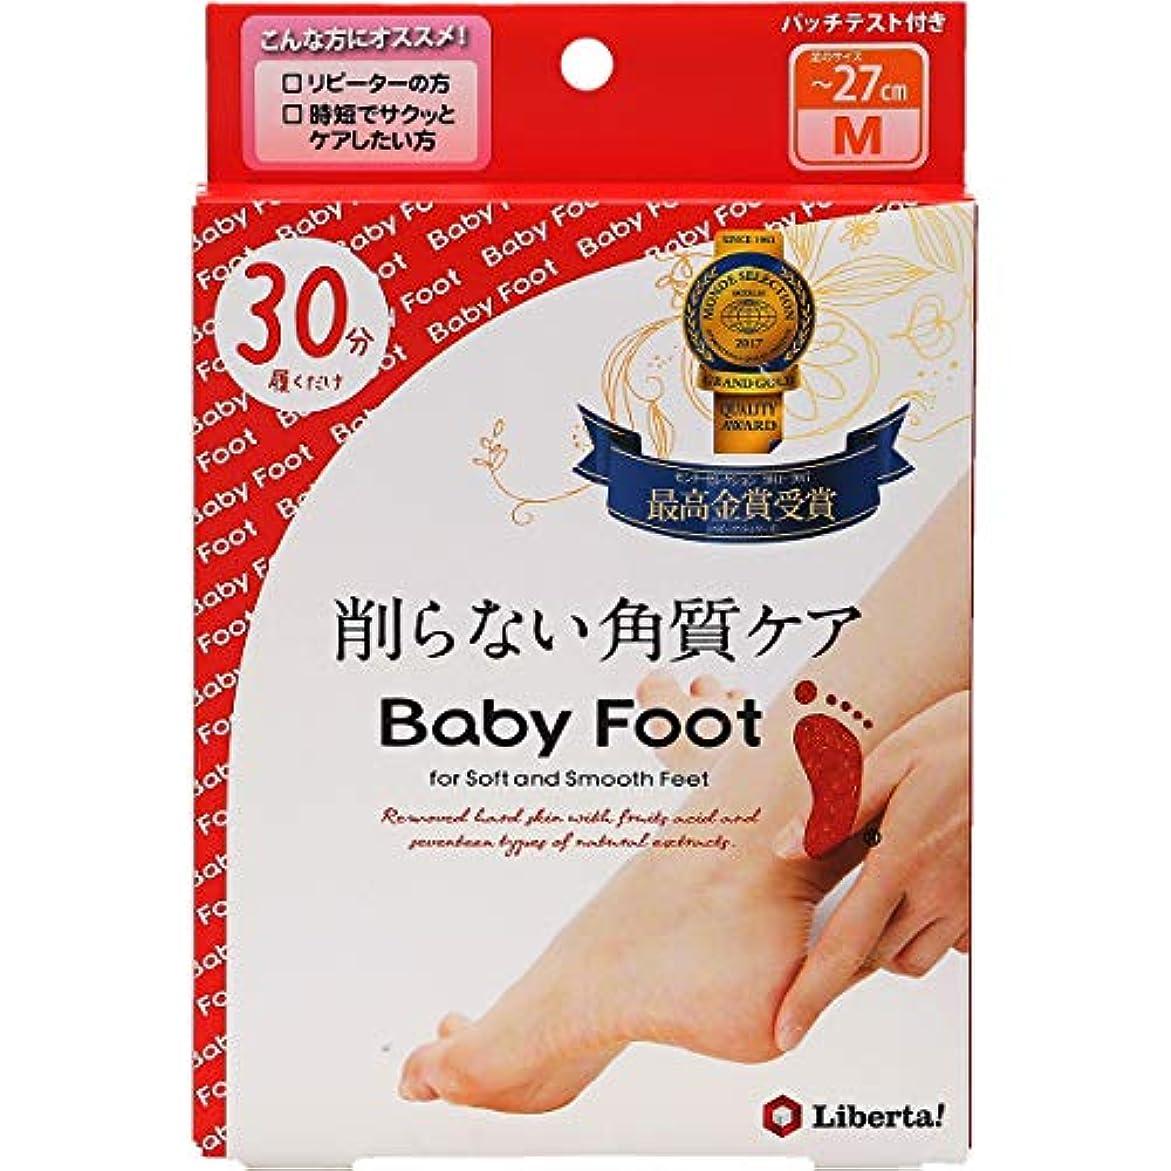 地中海むさぼり食う起訴するベビーフット (Baby Foot) ベビーフット イージーパック30分タイプ Mサイズ 単品